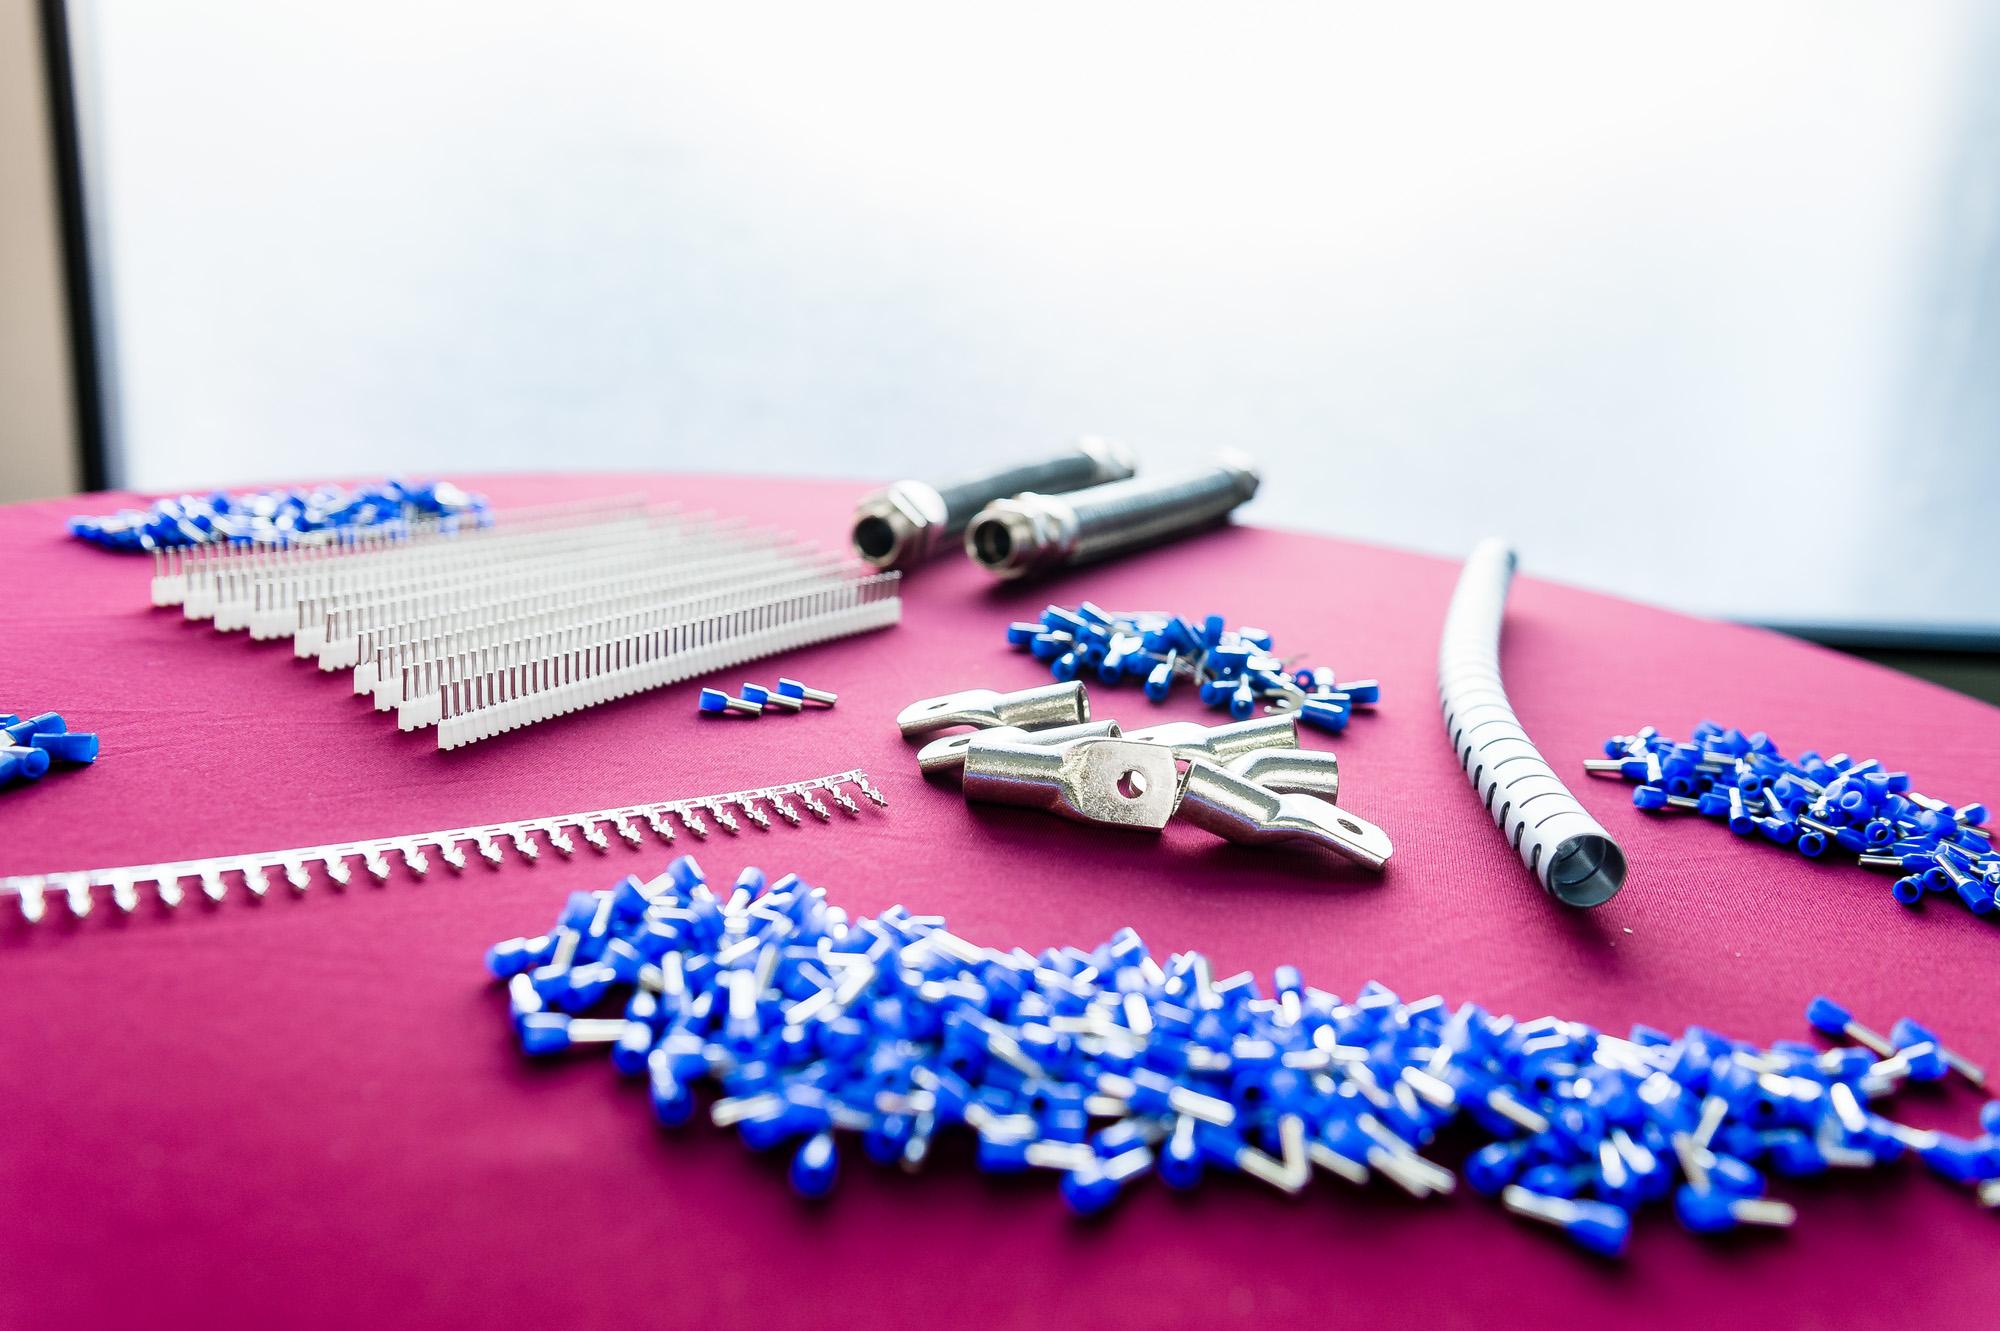 Ob Kontakte, Aderendhülsen oder Ringkabelschuhe – Verbrauchsmaterialien von bekannten Herstellern wie Zoller und Fröhlich haben wir für Sie auf Lager.